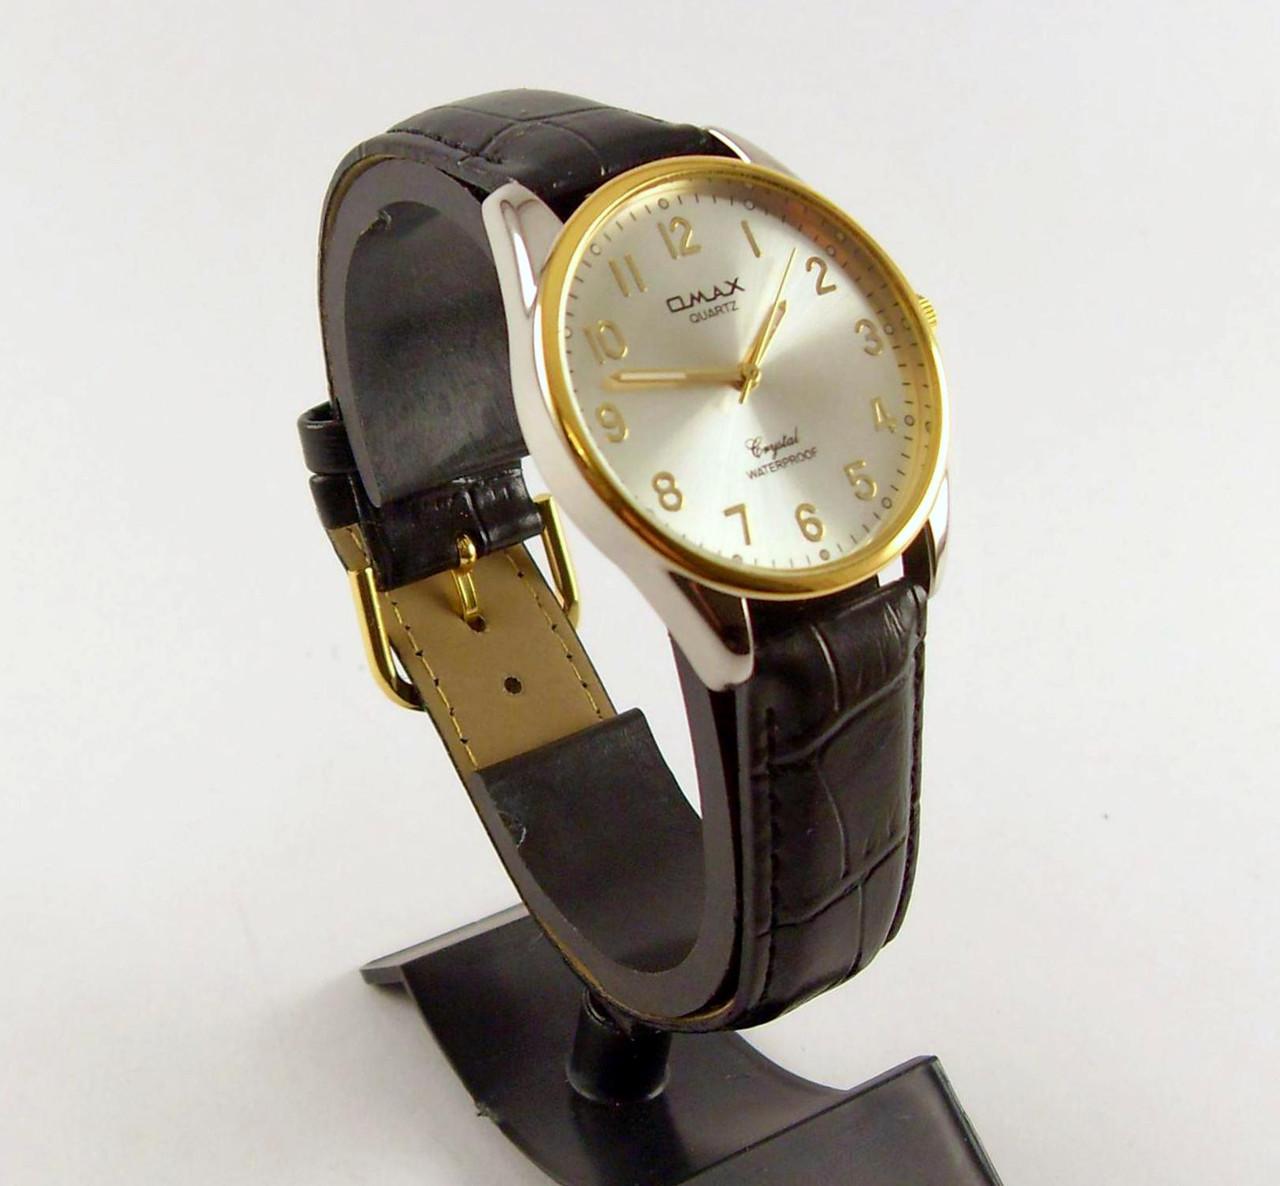 21bb2067 Мужские часы Omax KC3243 серебро с черным водозащитные копия - Shoppingood  в Харькове